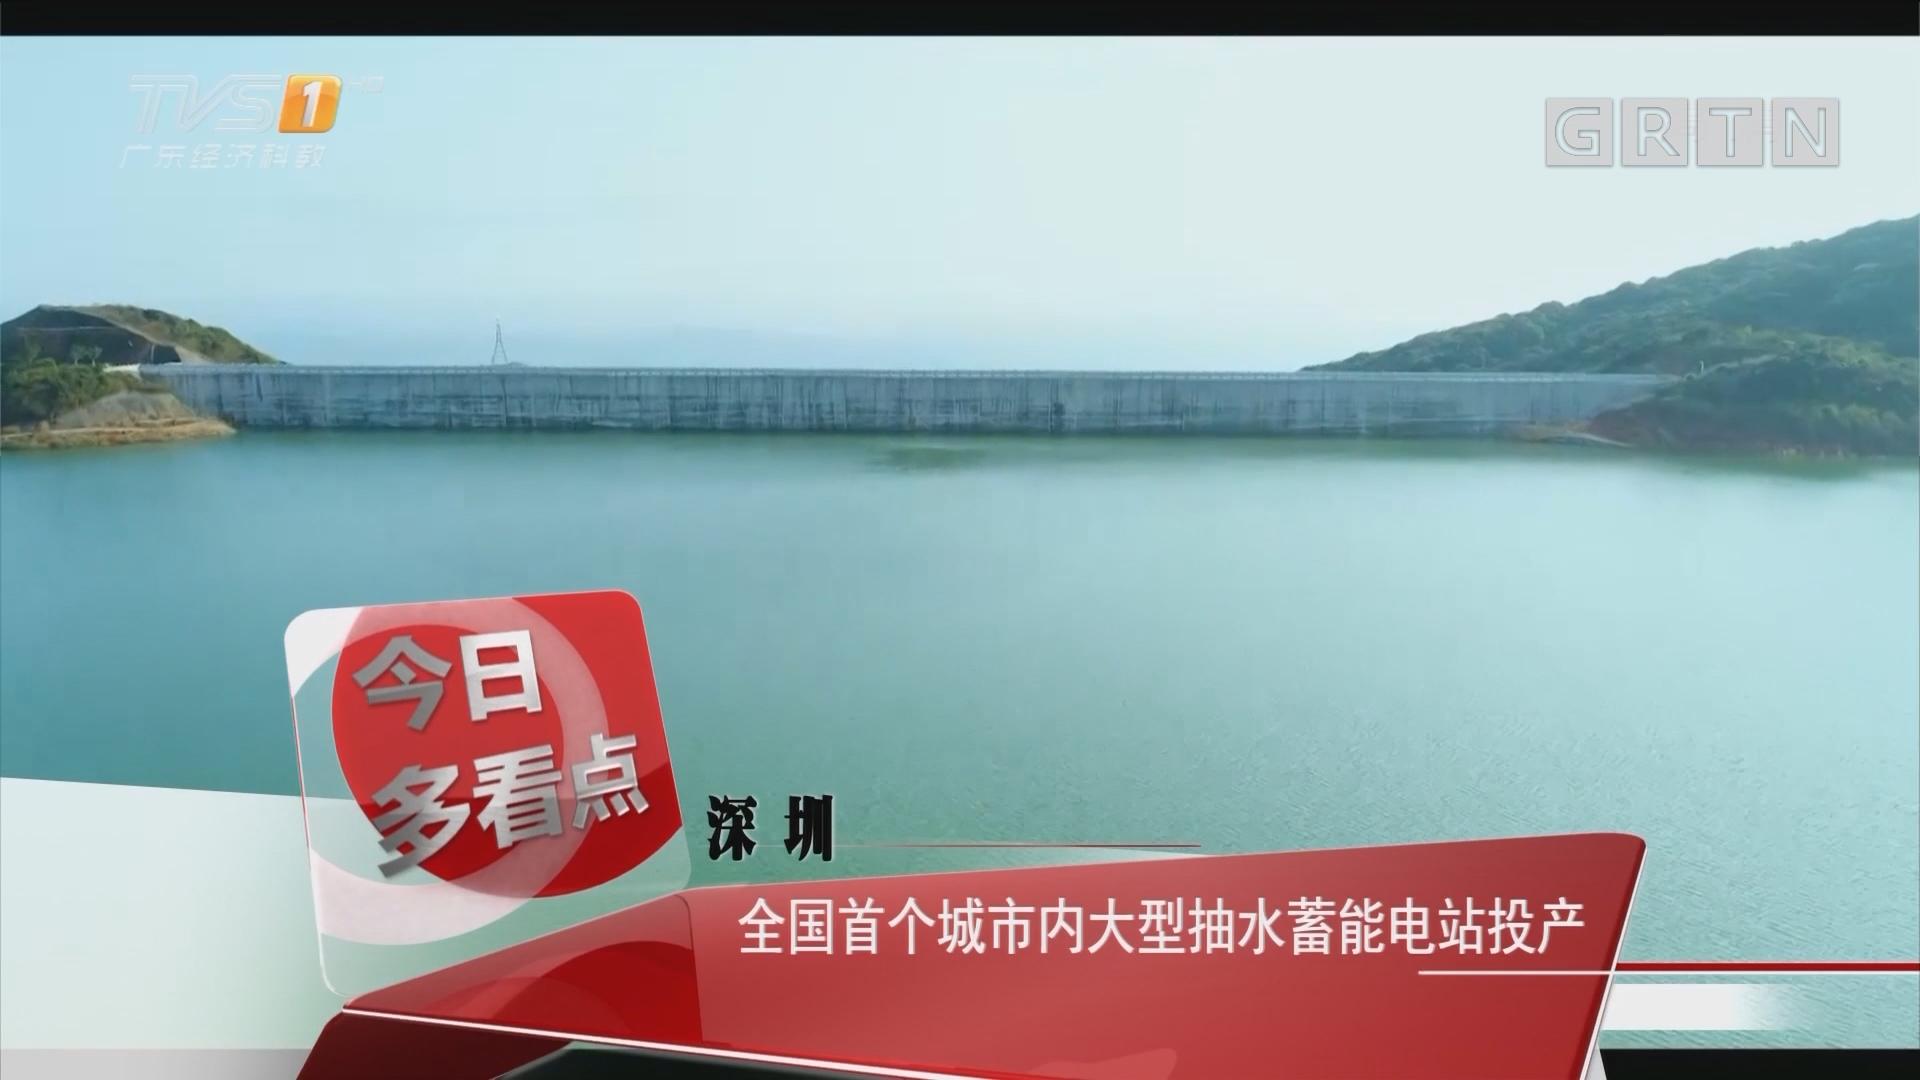 深圳:全国首个城市内大型抽水蓄能电站投产